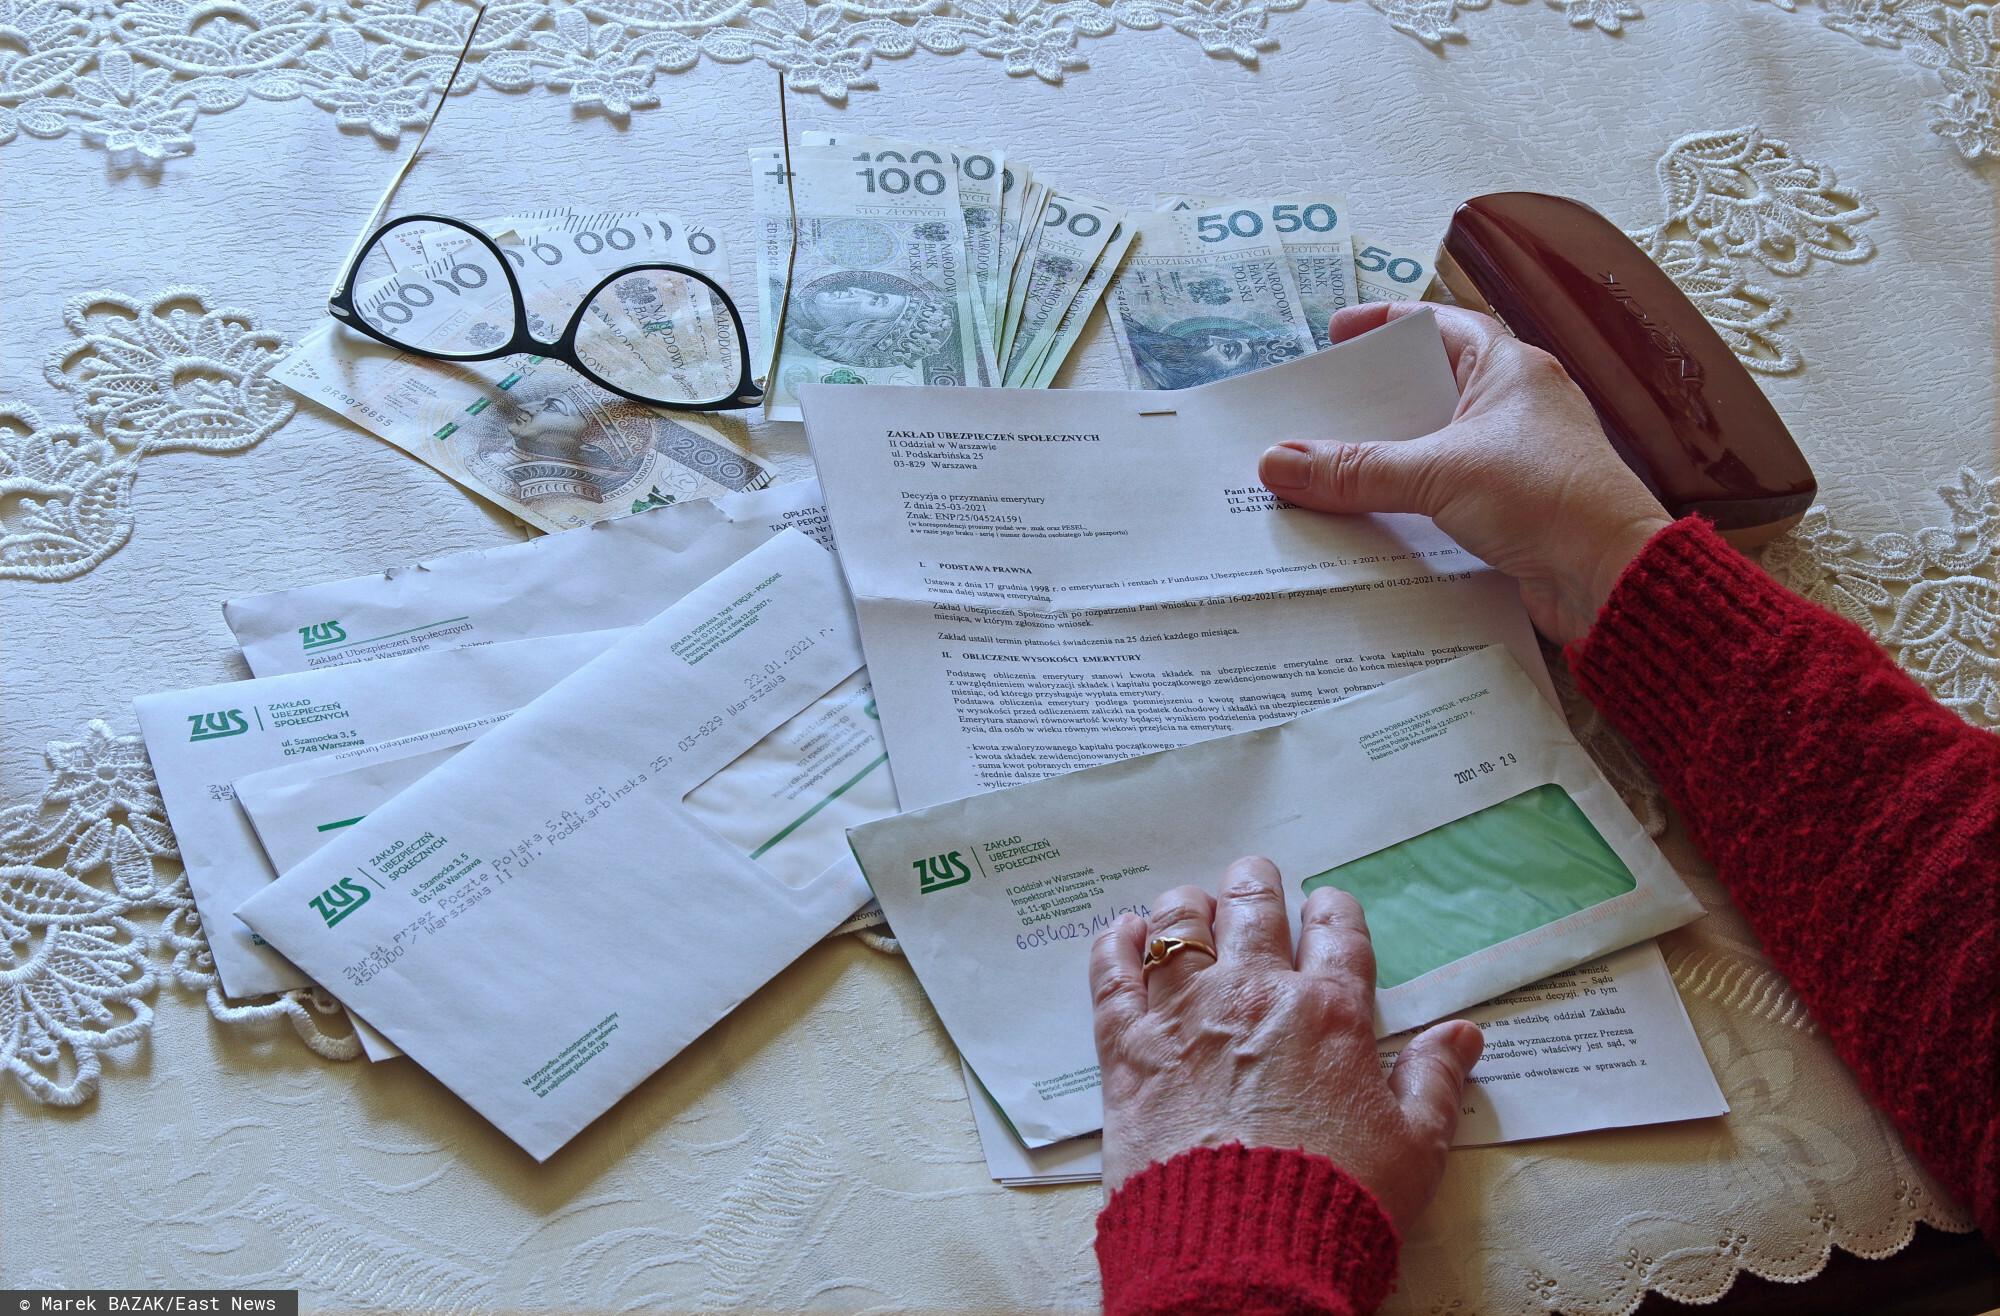 PHOTO: ZOFIA I MAREK BAZAK / EAST NEWS N/Z Kobieta przeglada korespondencje z ZUS-u i liczy pieniadze